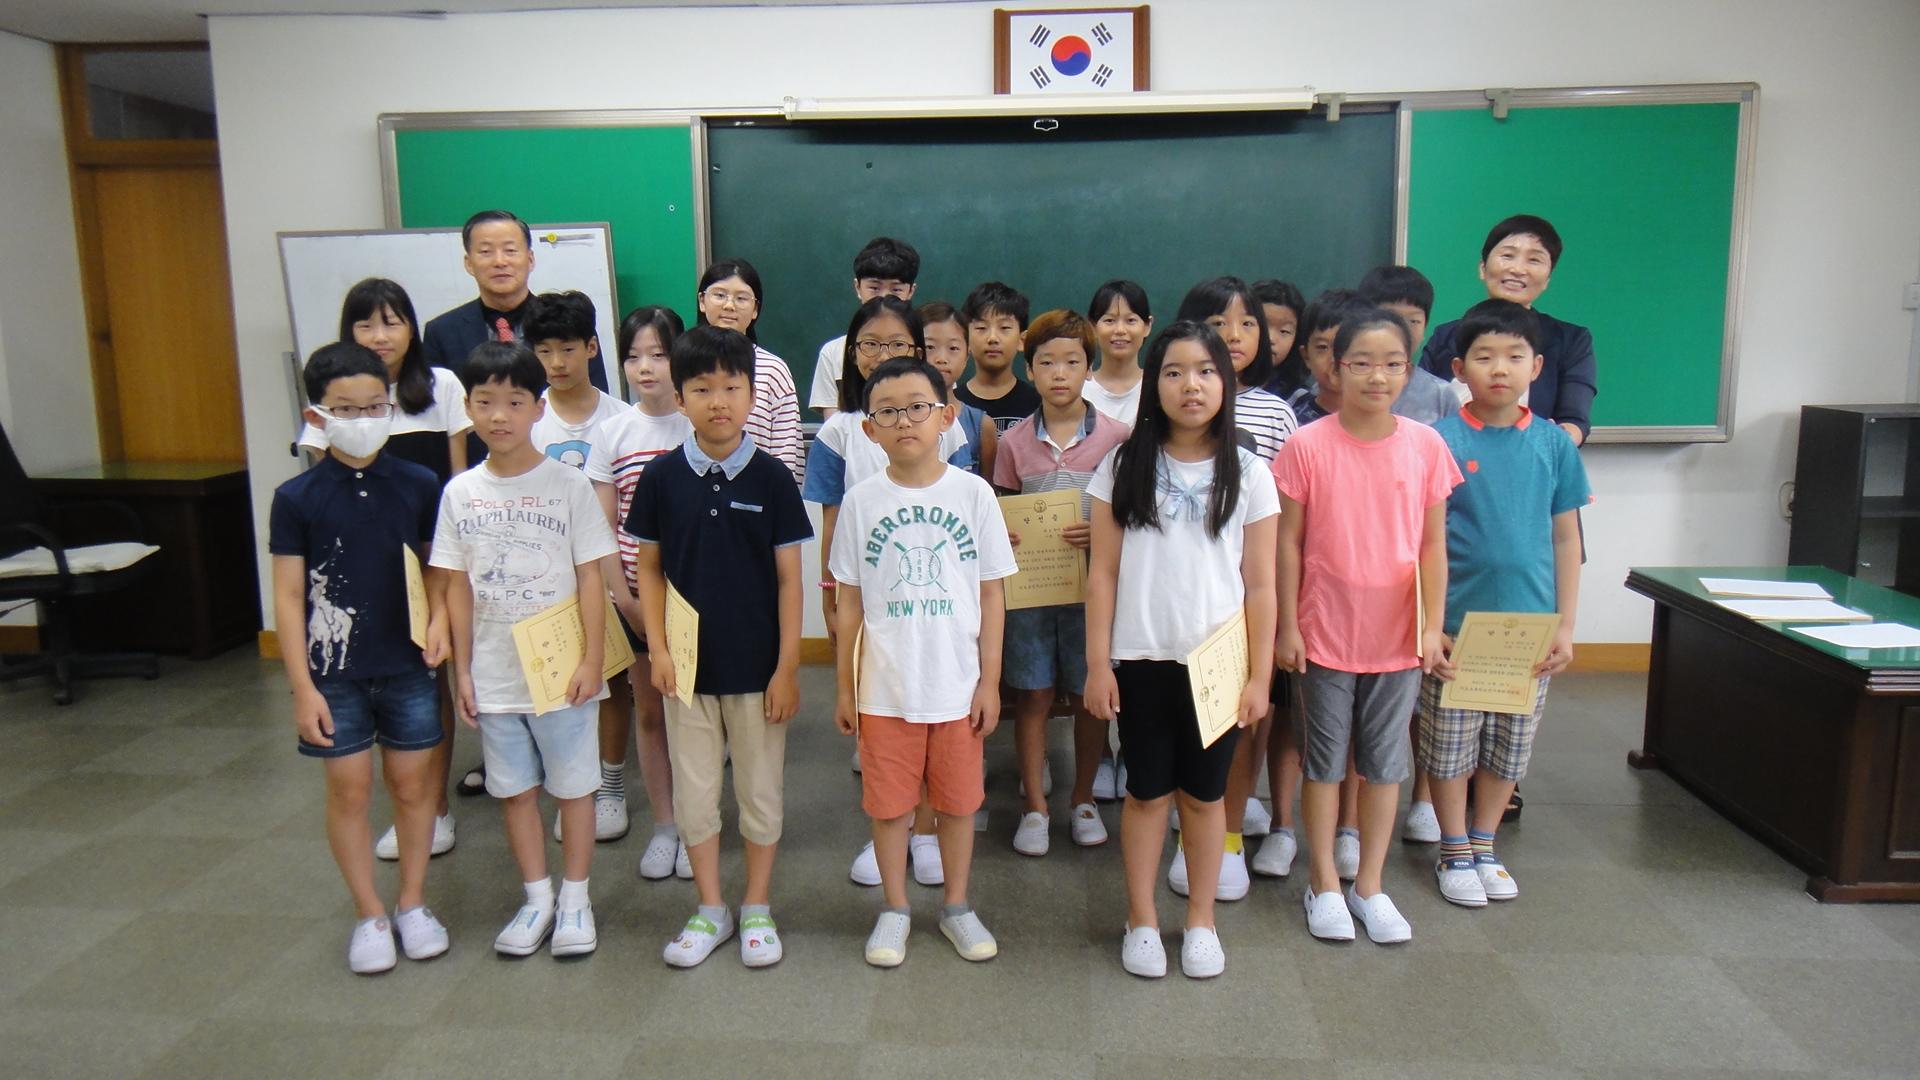 [일반] 2학기 학생자치회 당선증 수여식의 첨부이미지 3